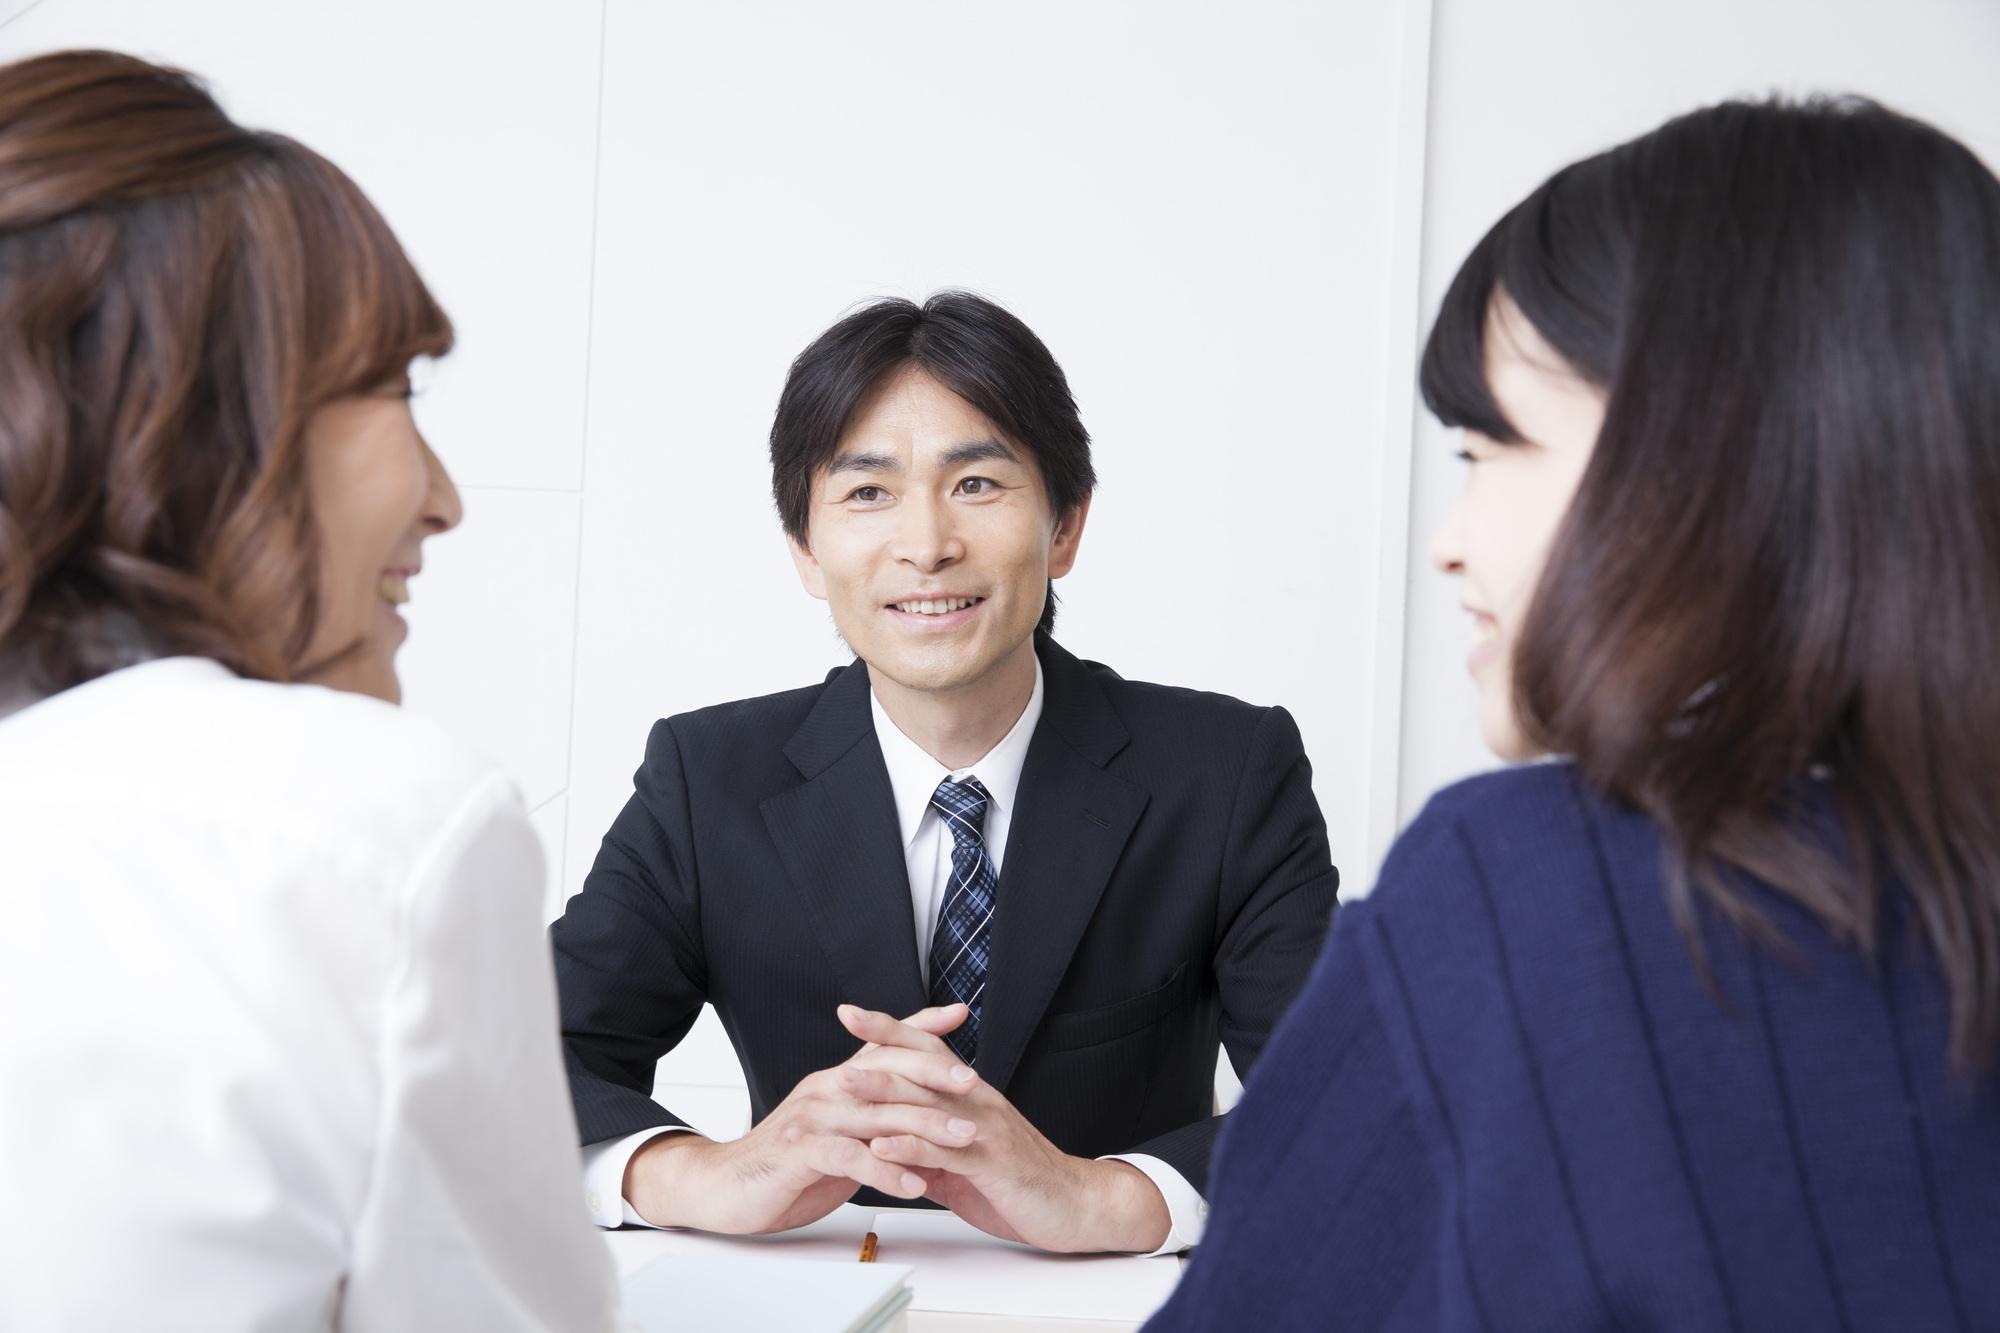 塾講師と三者面談